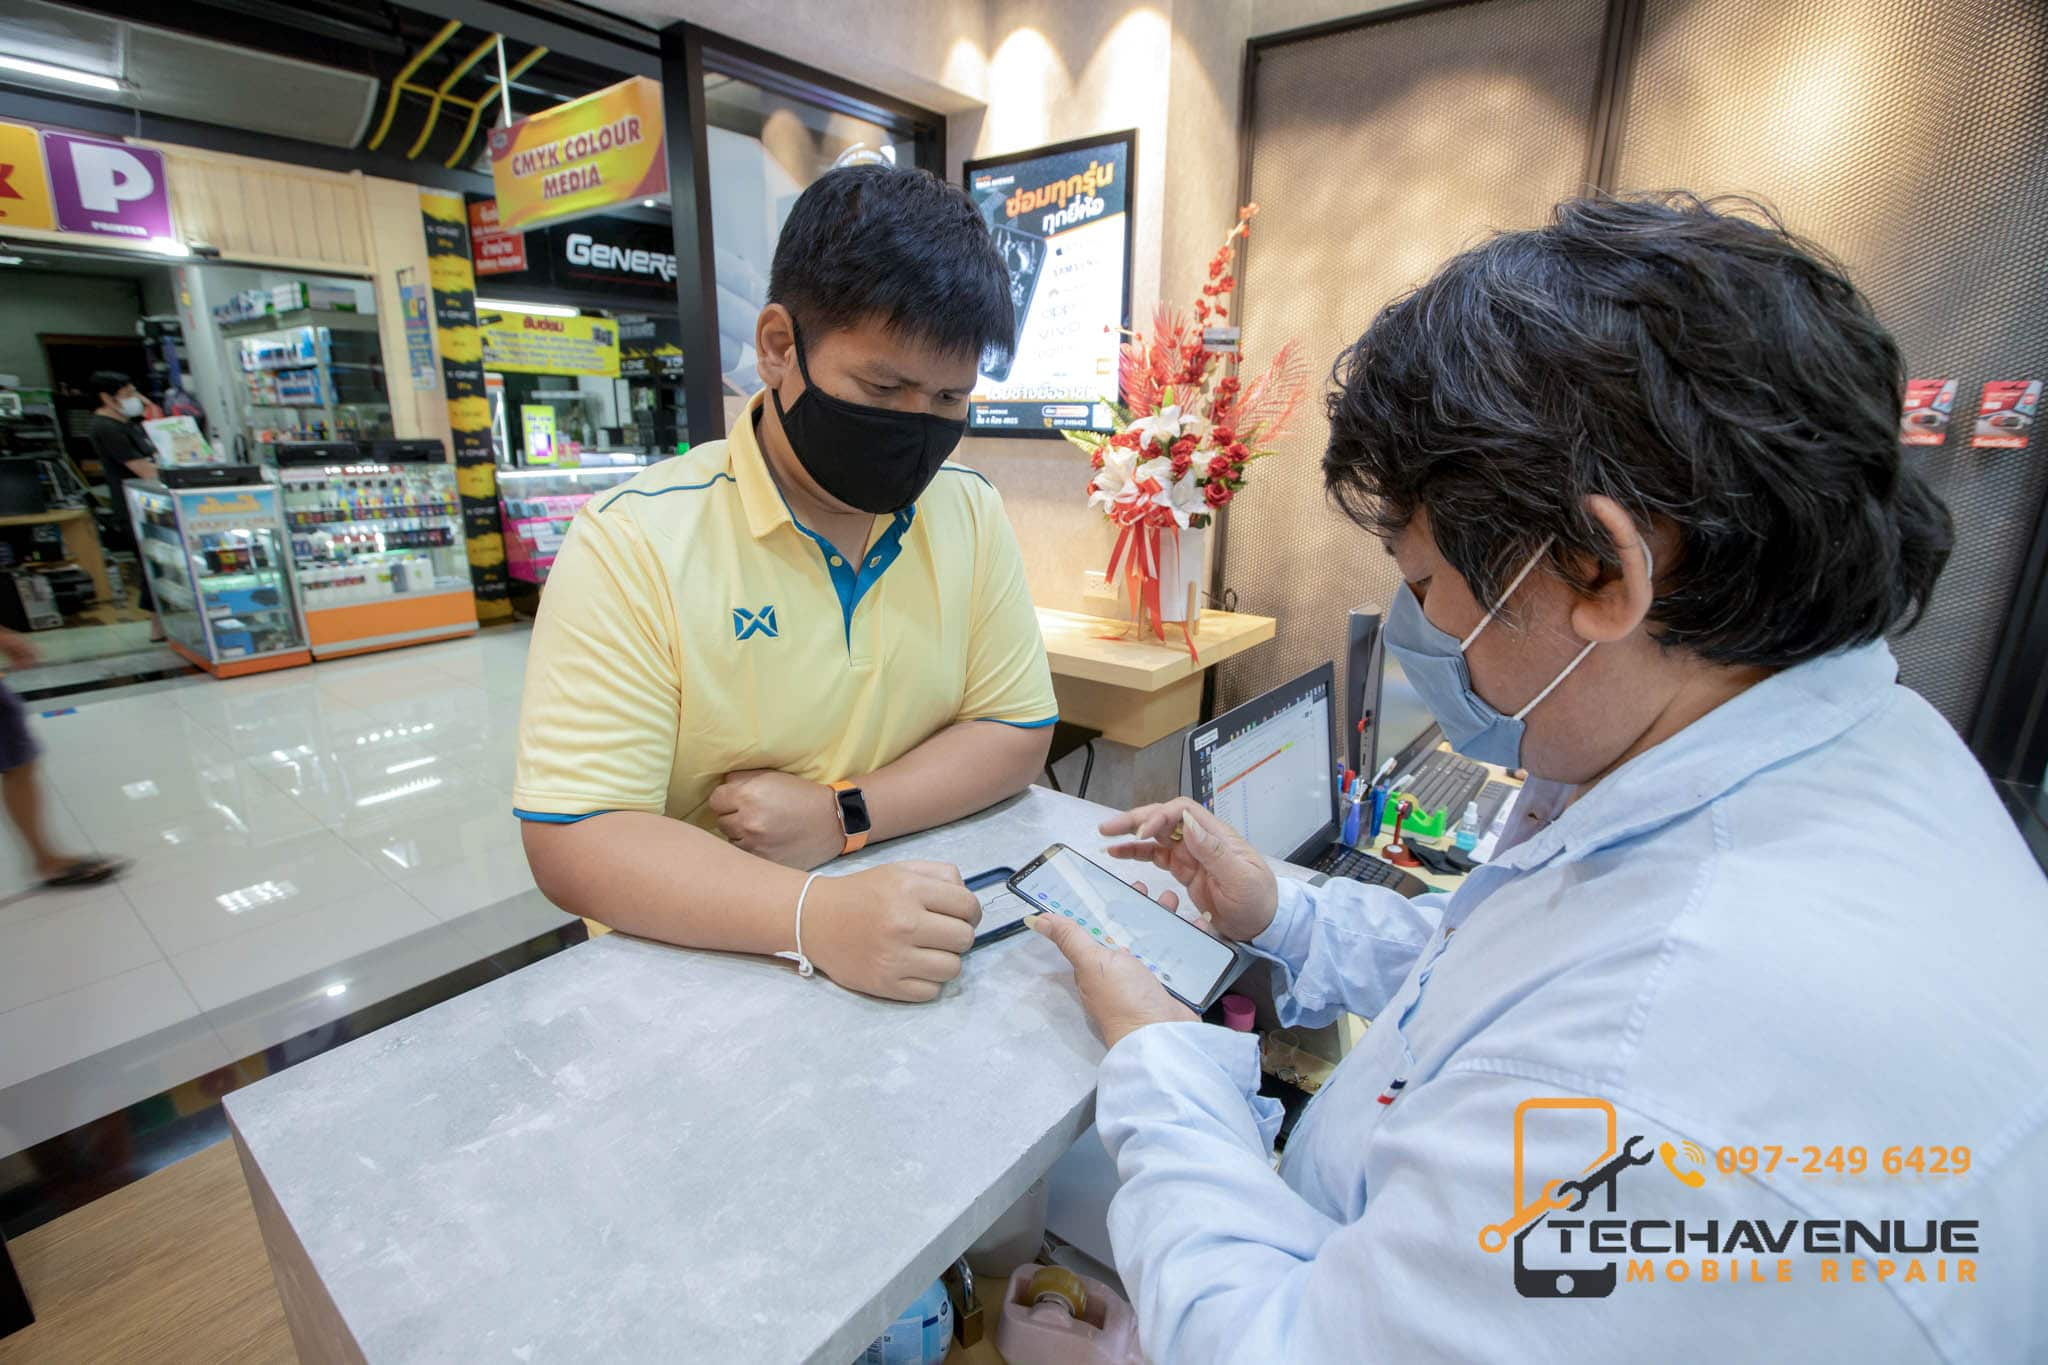 ซ่อมมือถือ แถวไอทีมอลล์ ฟอร์จูน ร้านไหนดี เชื่อถือได้ ราคาไม่แพง 🥇 ศูนย์ซ่อม โทรศัพท์มือถือ มือถือทุกรุ่น ทุกยี่ห้อ iPhone | Apple | Samsung | Huawei